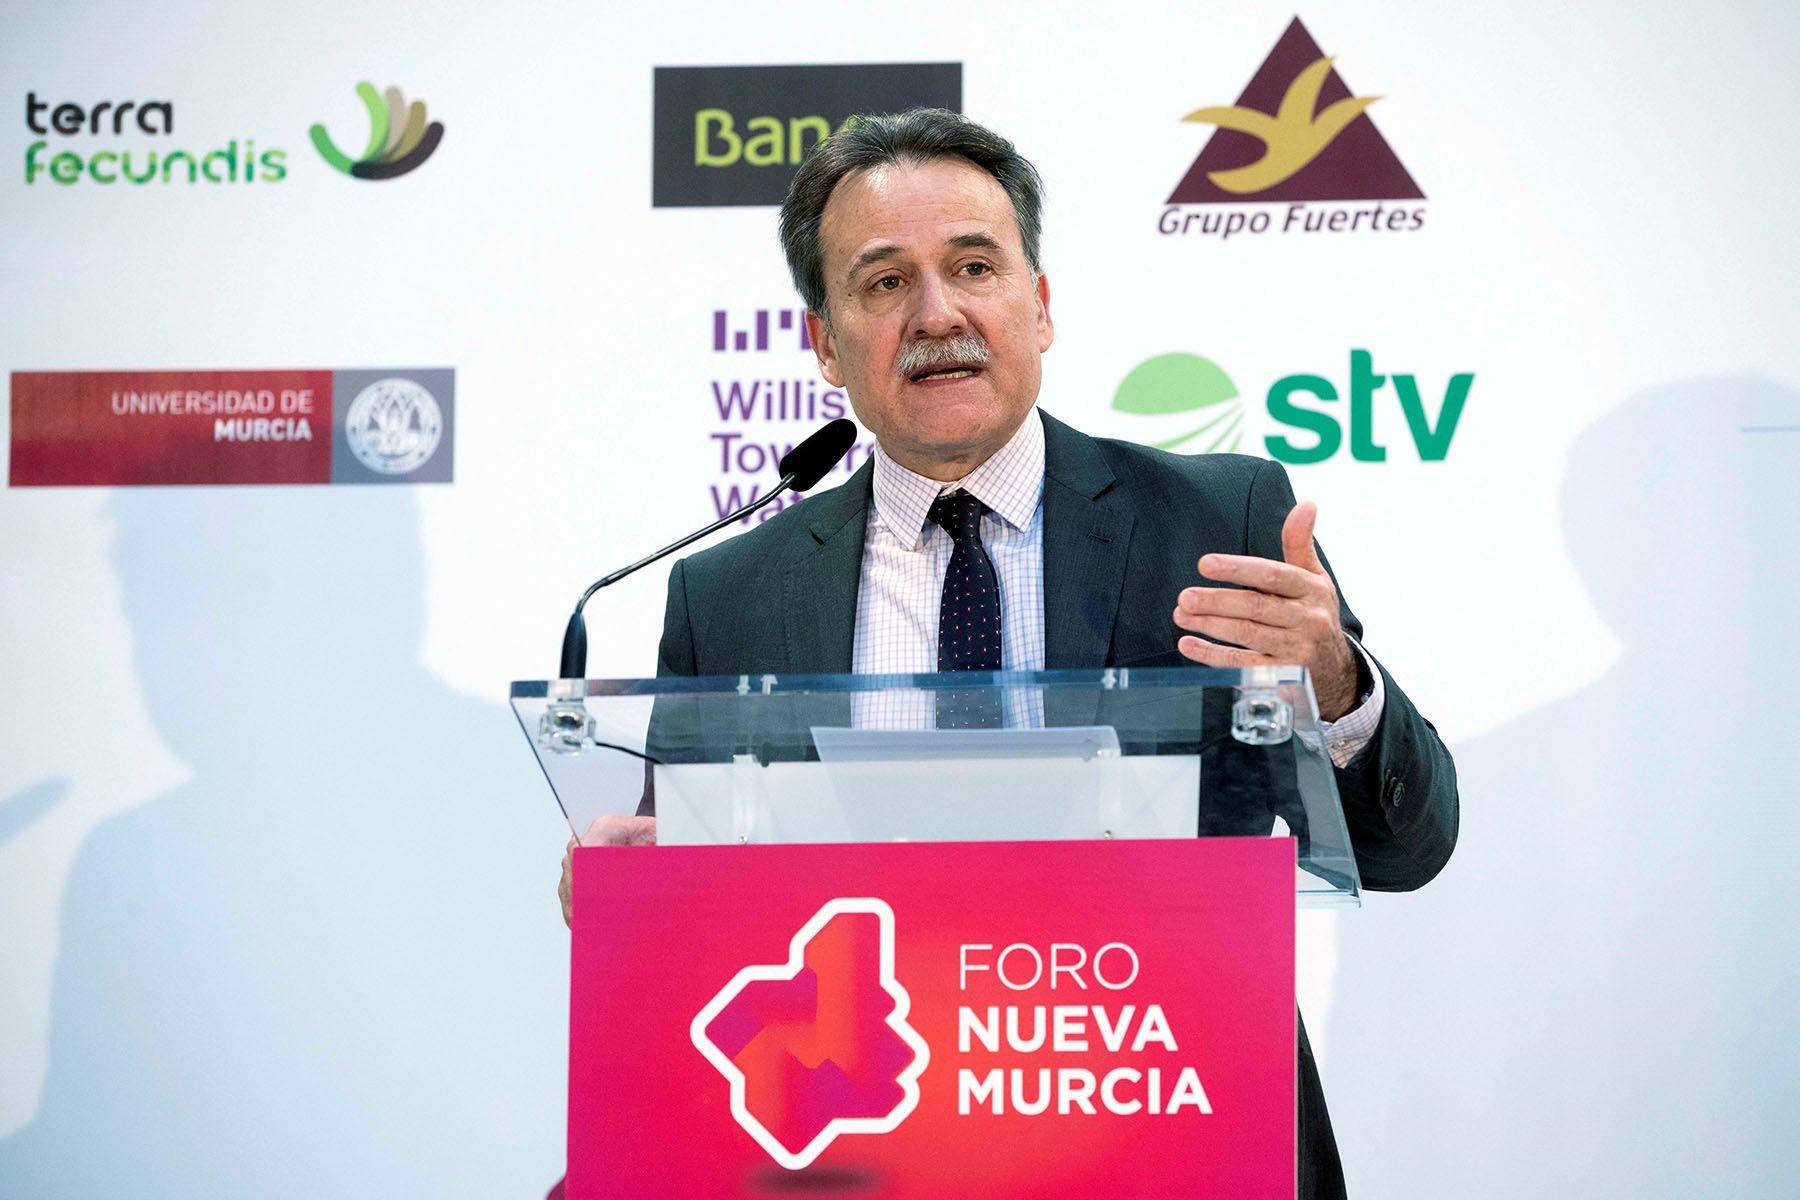 El embajador de Cuba en España Gustavo Machín, durante una conferencia organizada por el Foro Nueva Murcia. Foto: Marcial Guillén / EFE.